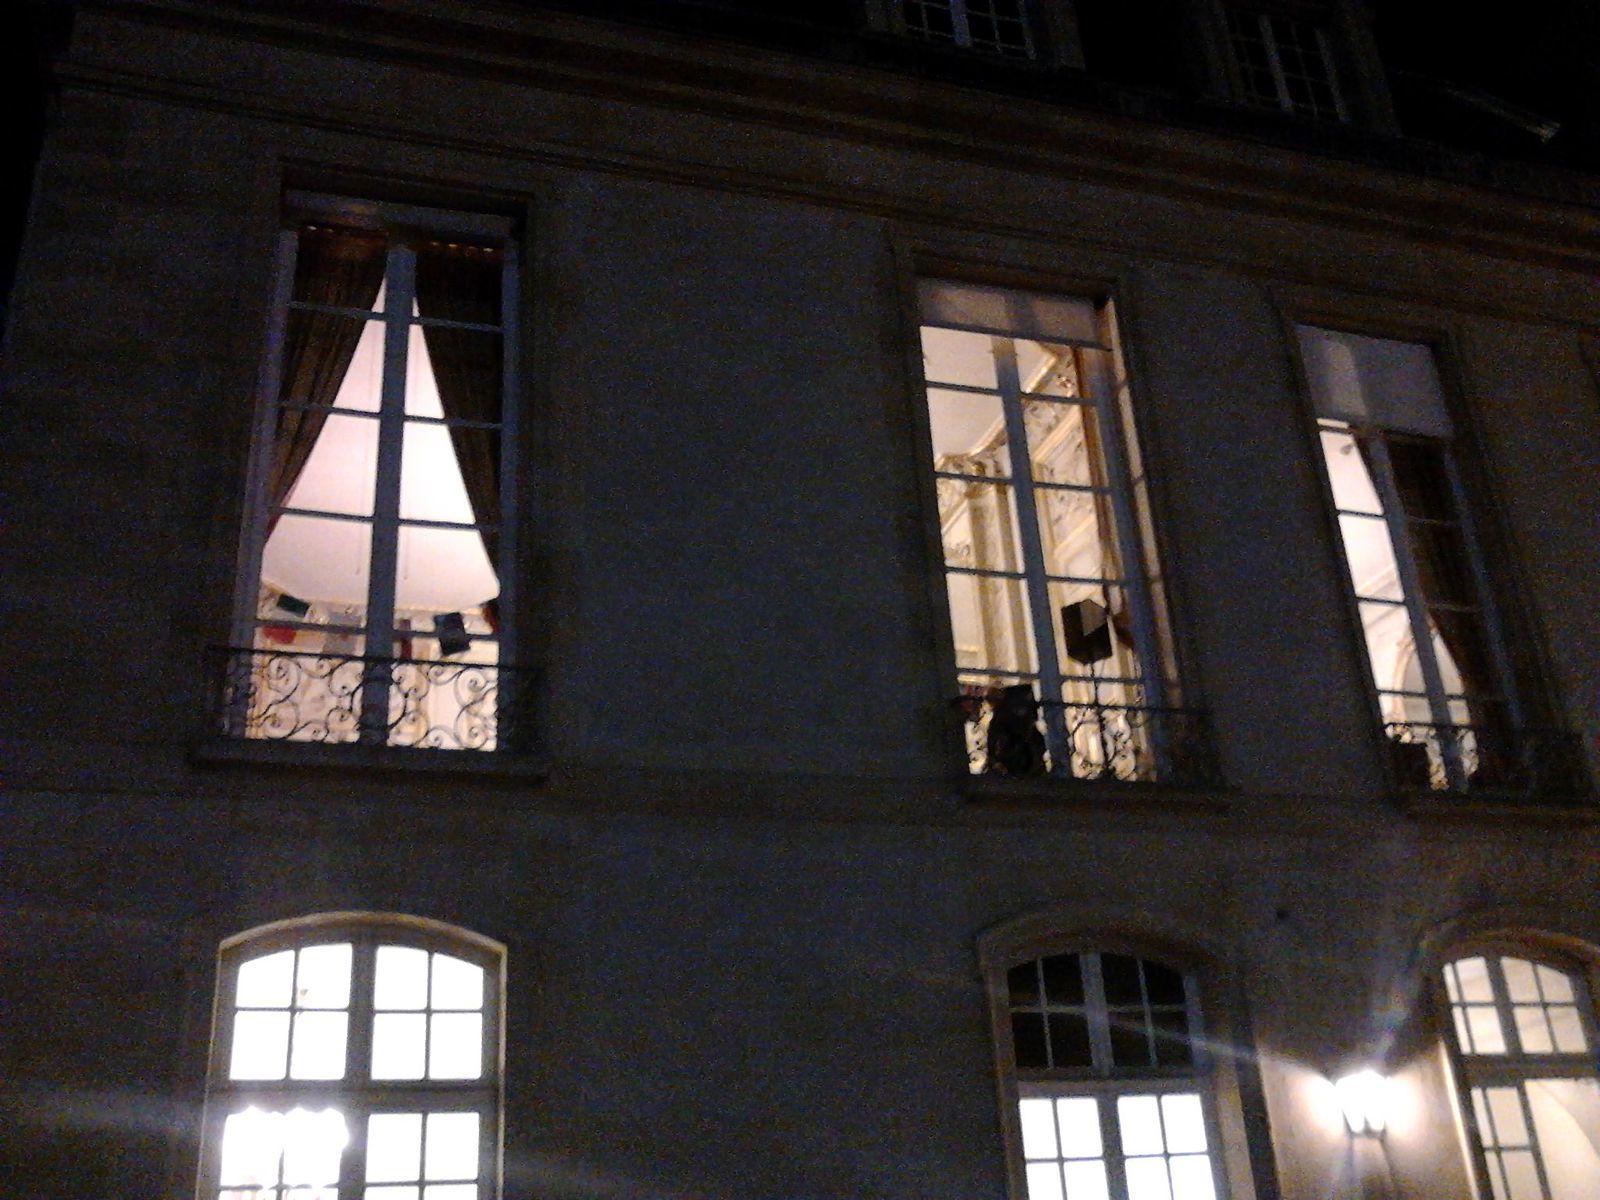 """28 OCTOBRE DINER IRCE """"QUEL MOTEUR FRANCO-BRITANNIQUE ?"""" avec SE Sir Peter RICKETTS Ambassadeur du Royaume-Uni en France"""